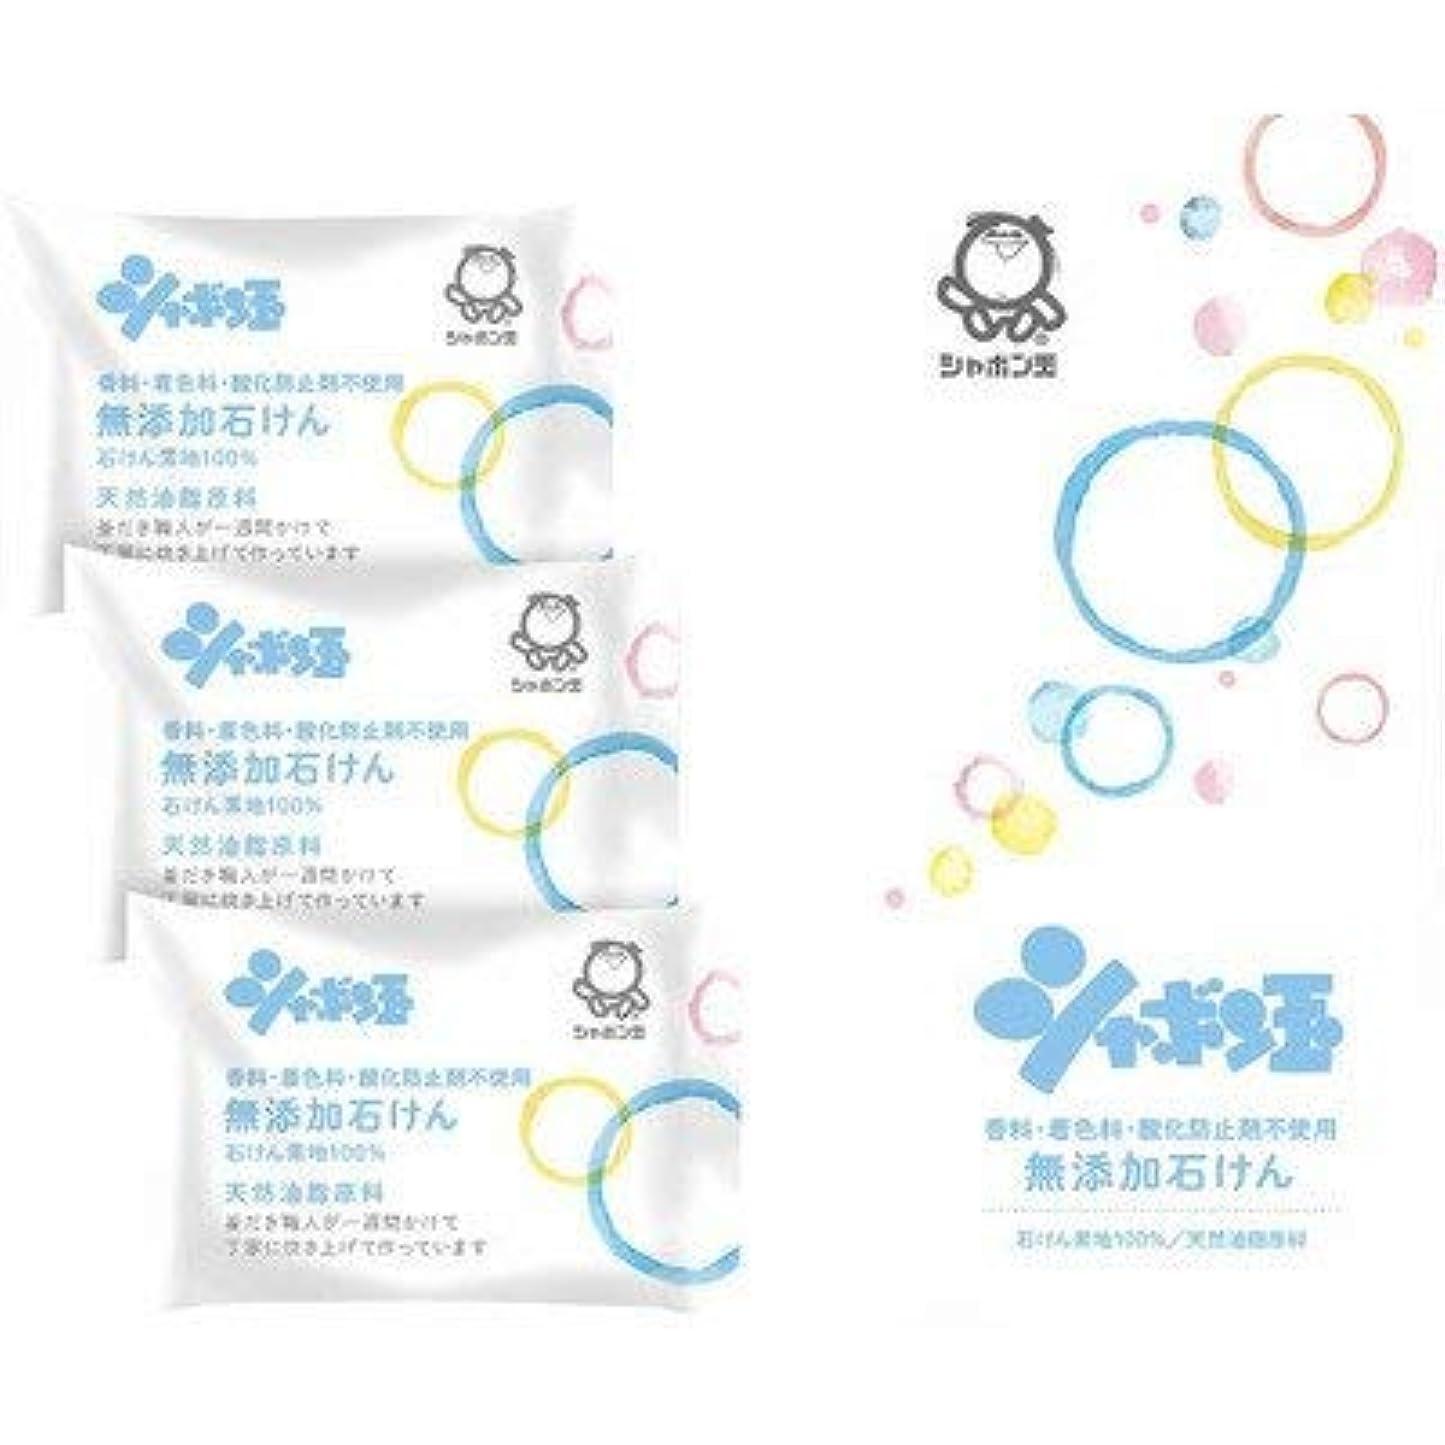 ランチョン擬人パンフレット【ギフトセット】 シャボン玉無添加石鹸ギフトセット SMG-5B